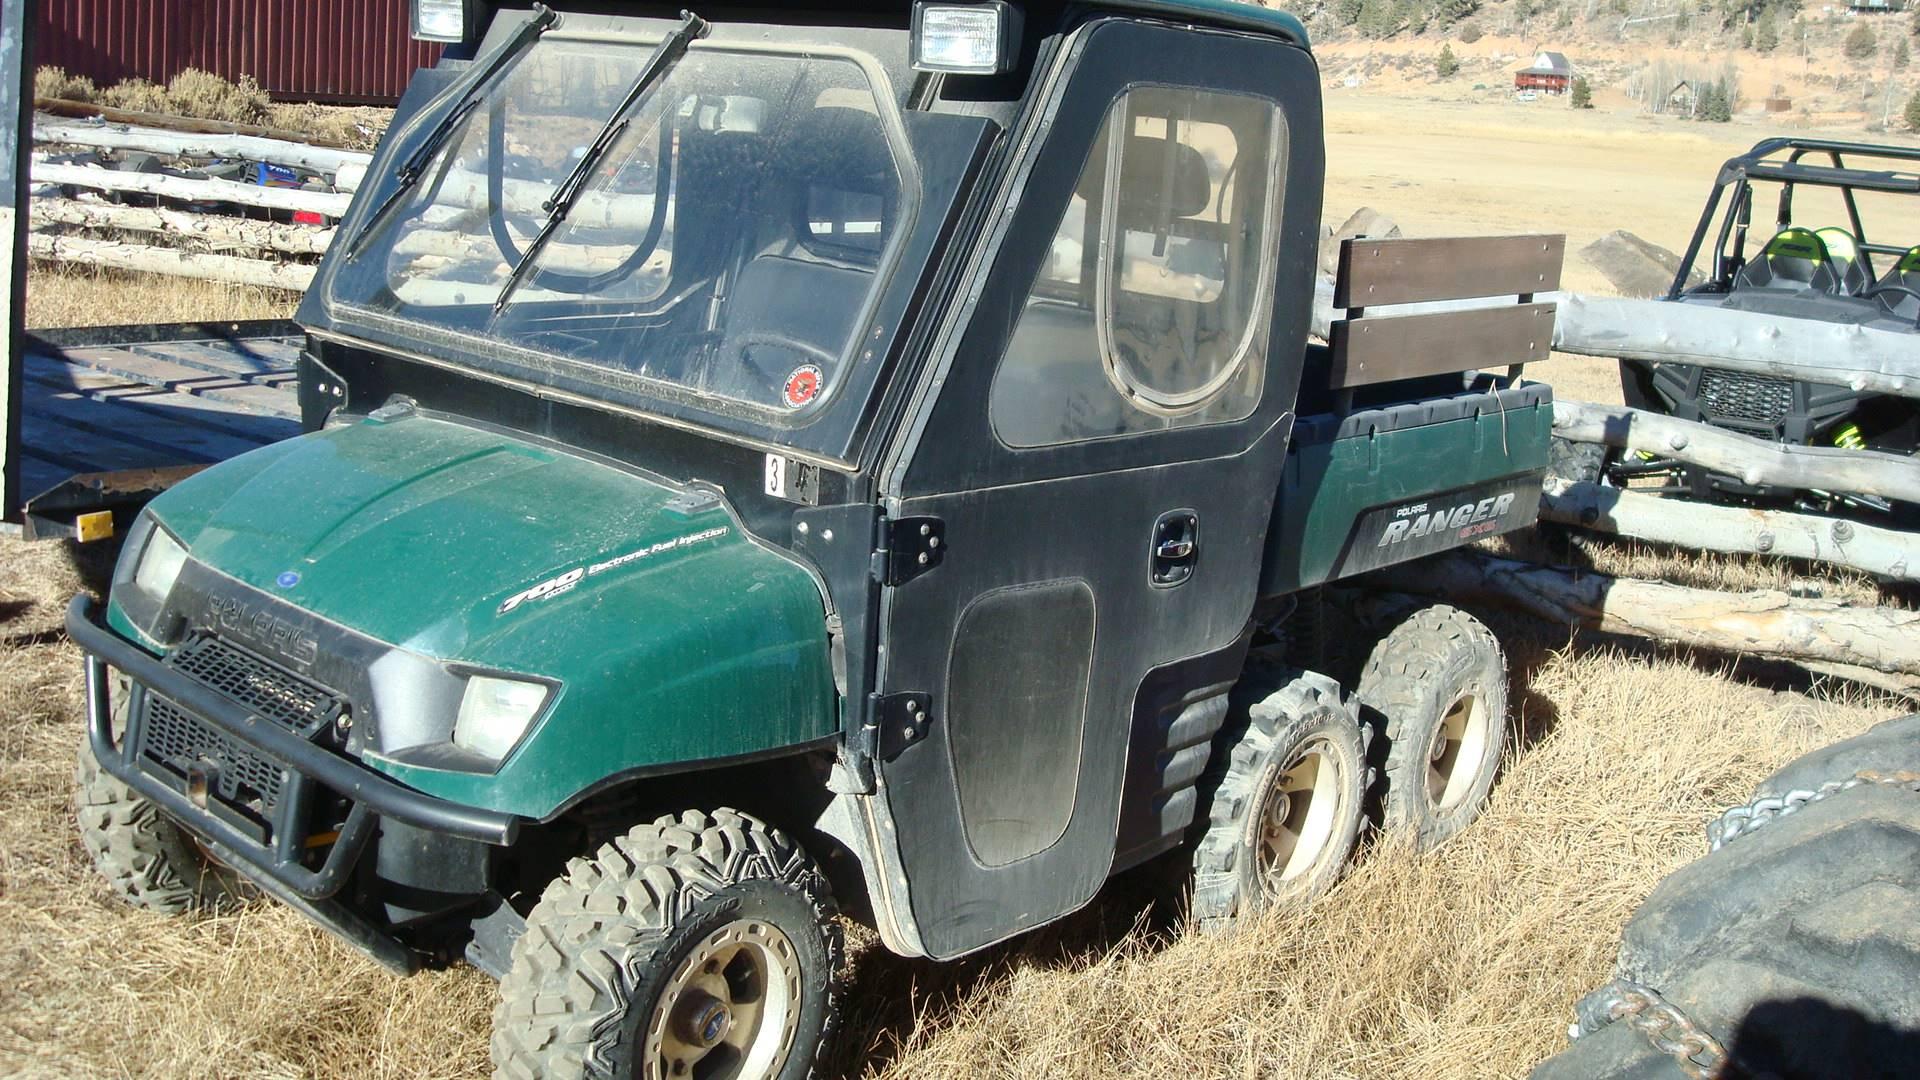 2006 Ranger 6x6 EFI